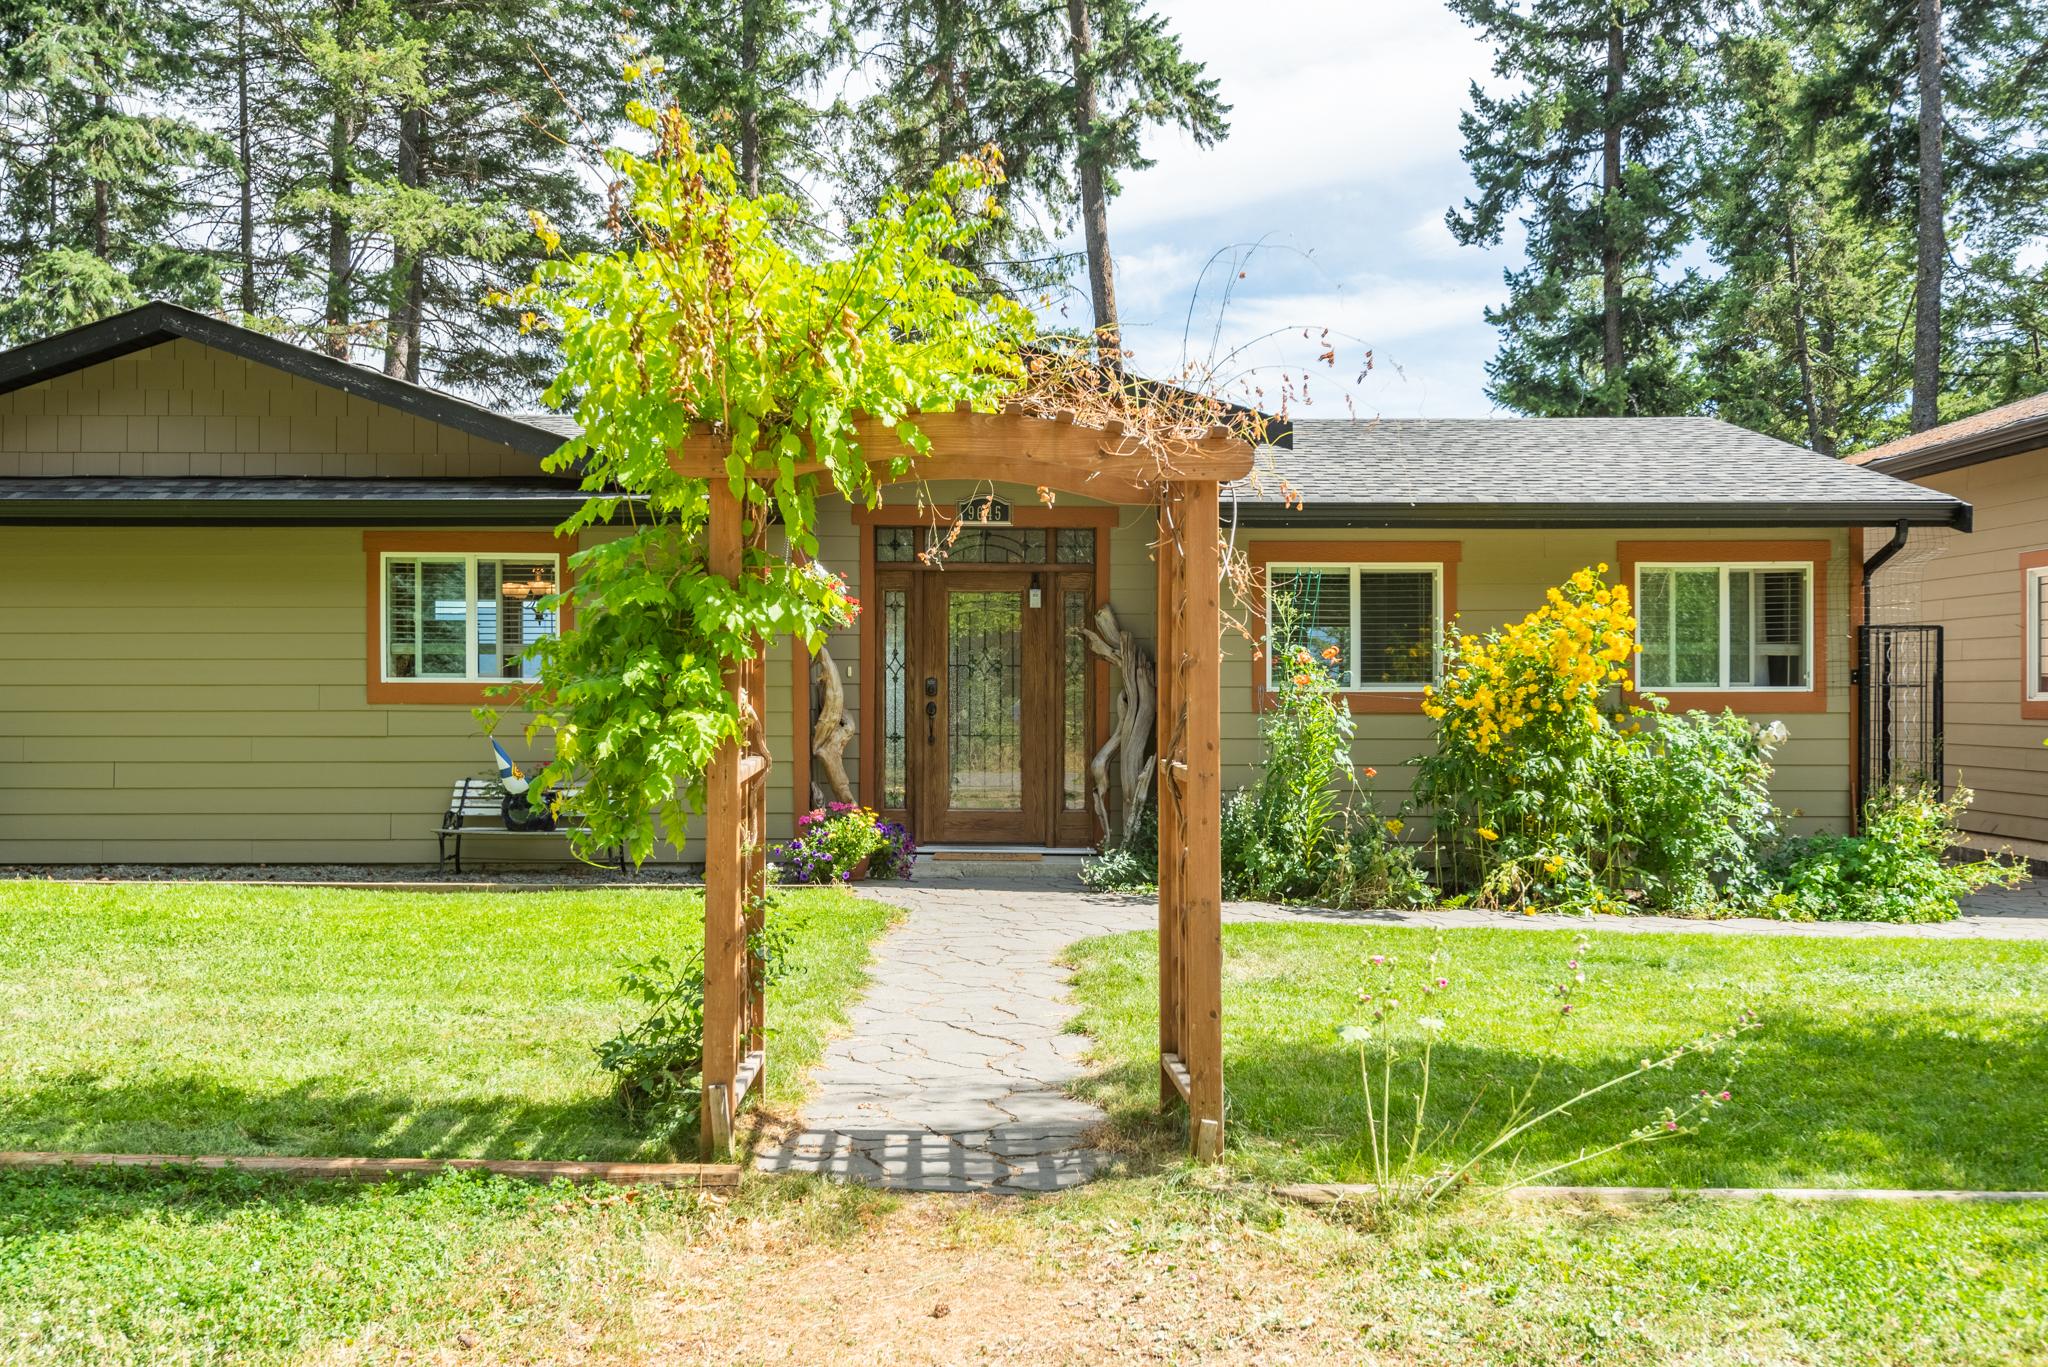 9645 Houghton Rd | Vernon, BC | $464,900